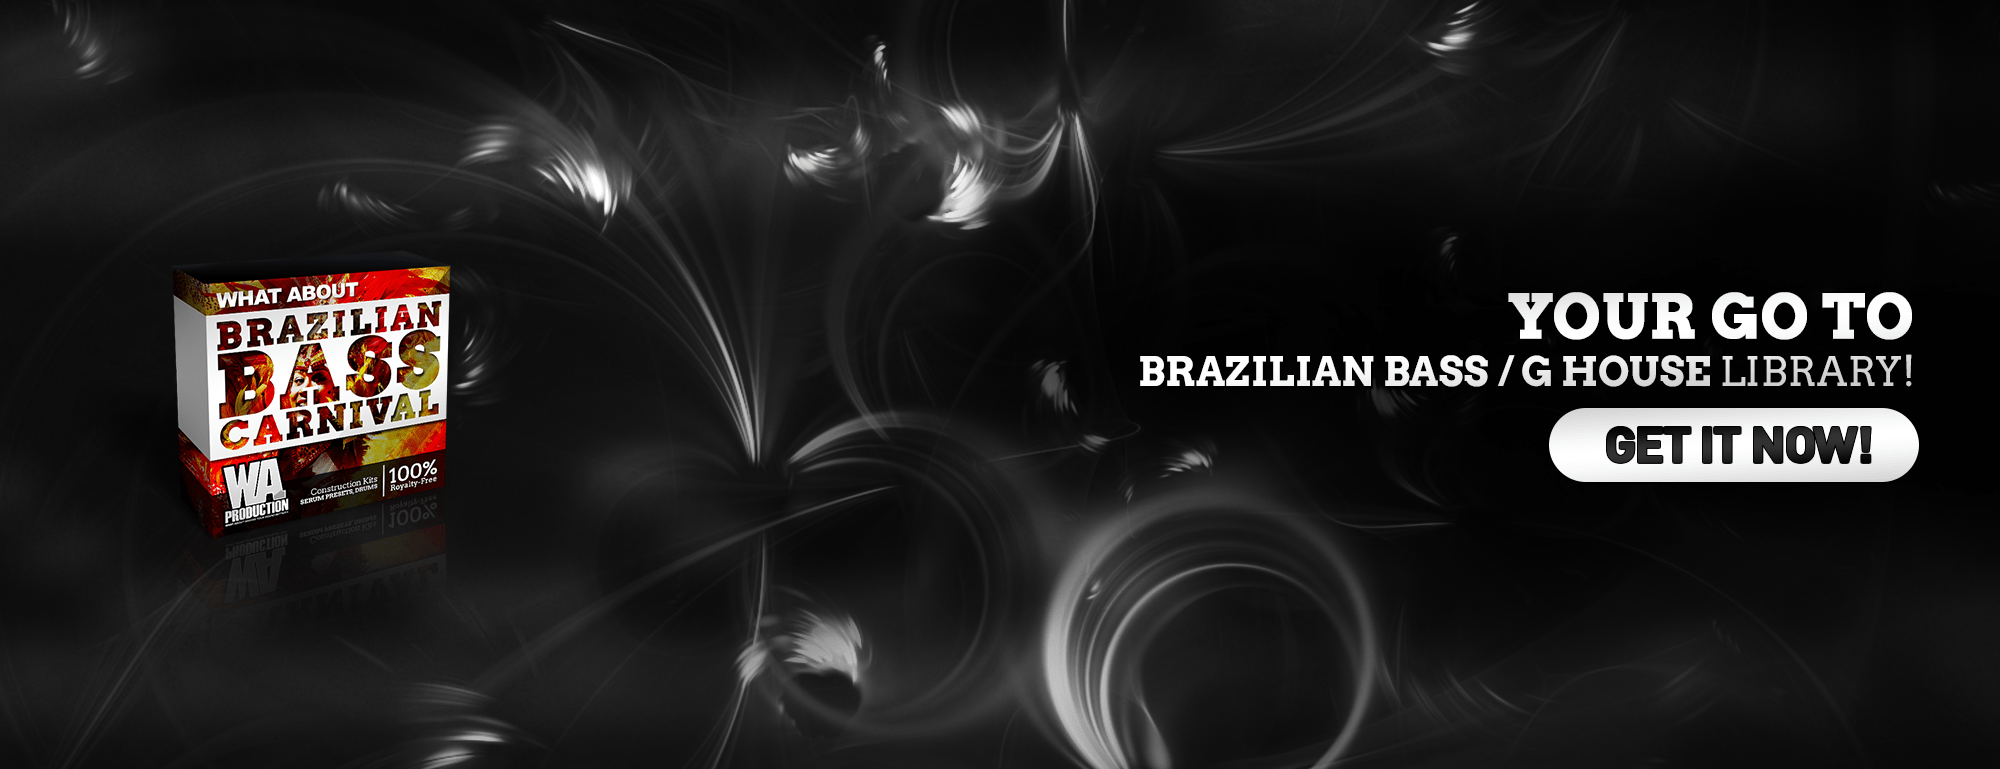 Brazilian Bass Carnival